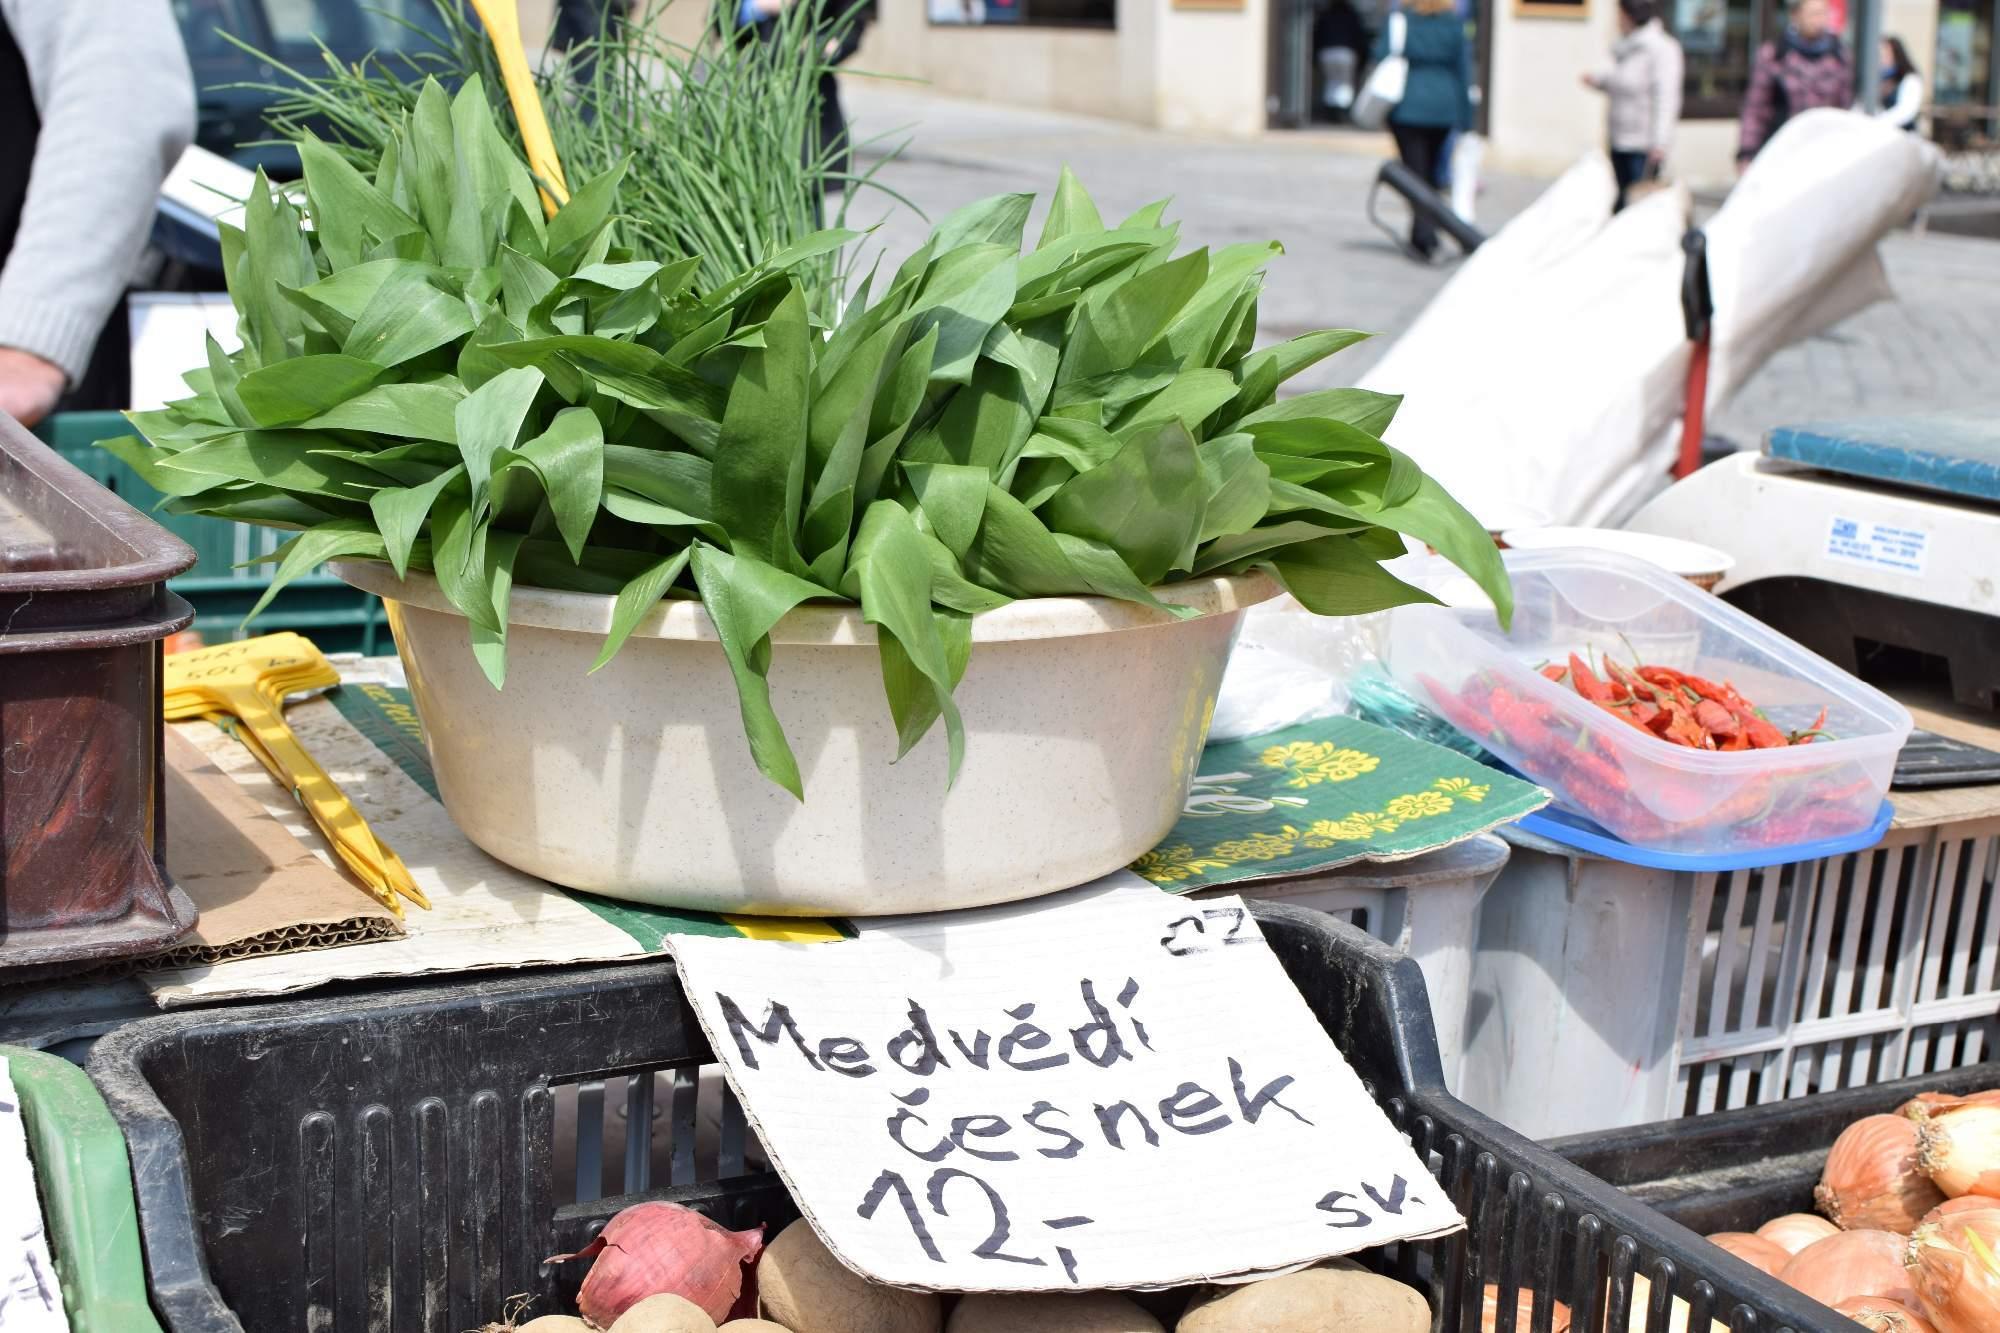 Bylina medvědího česneku na Zelném trhu v Brně. Foto: Lenka Jebáčková